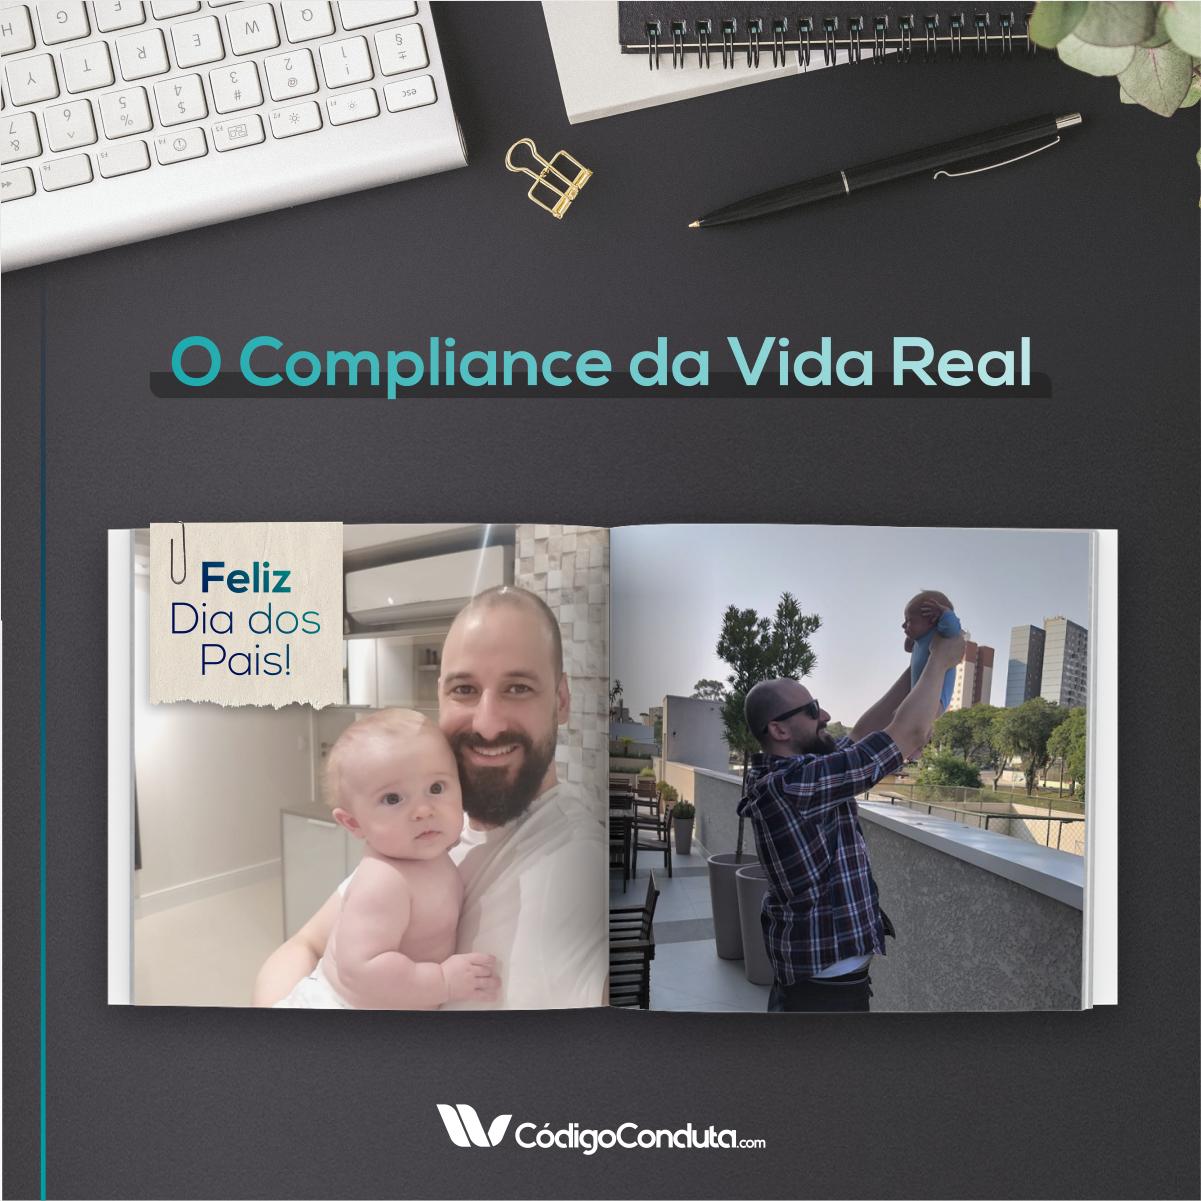 O Compliance da Vida Real